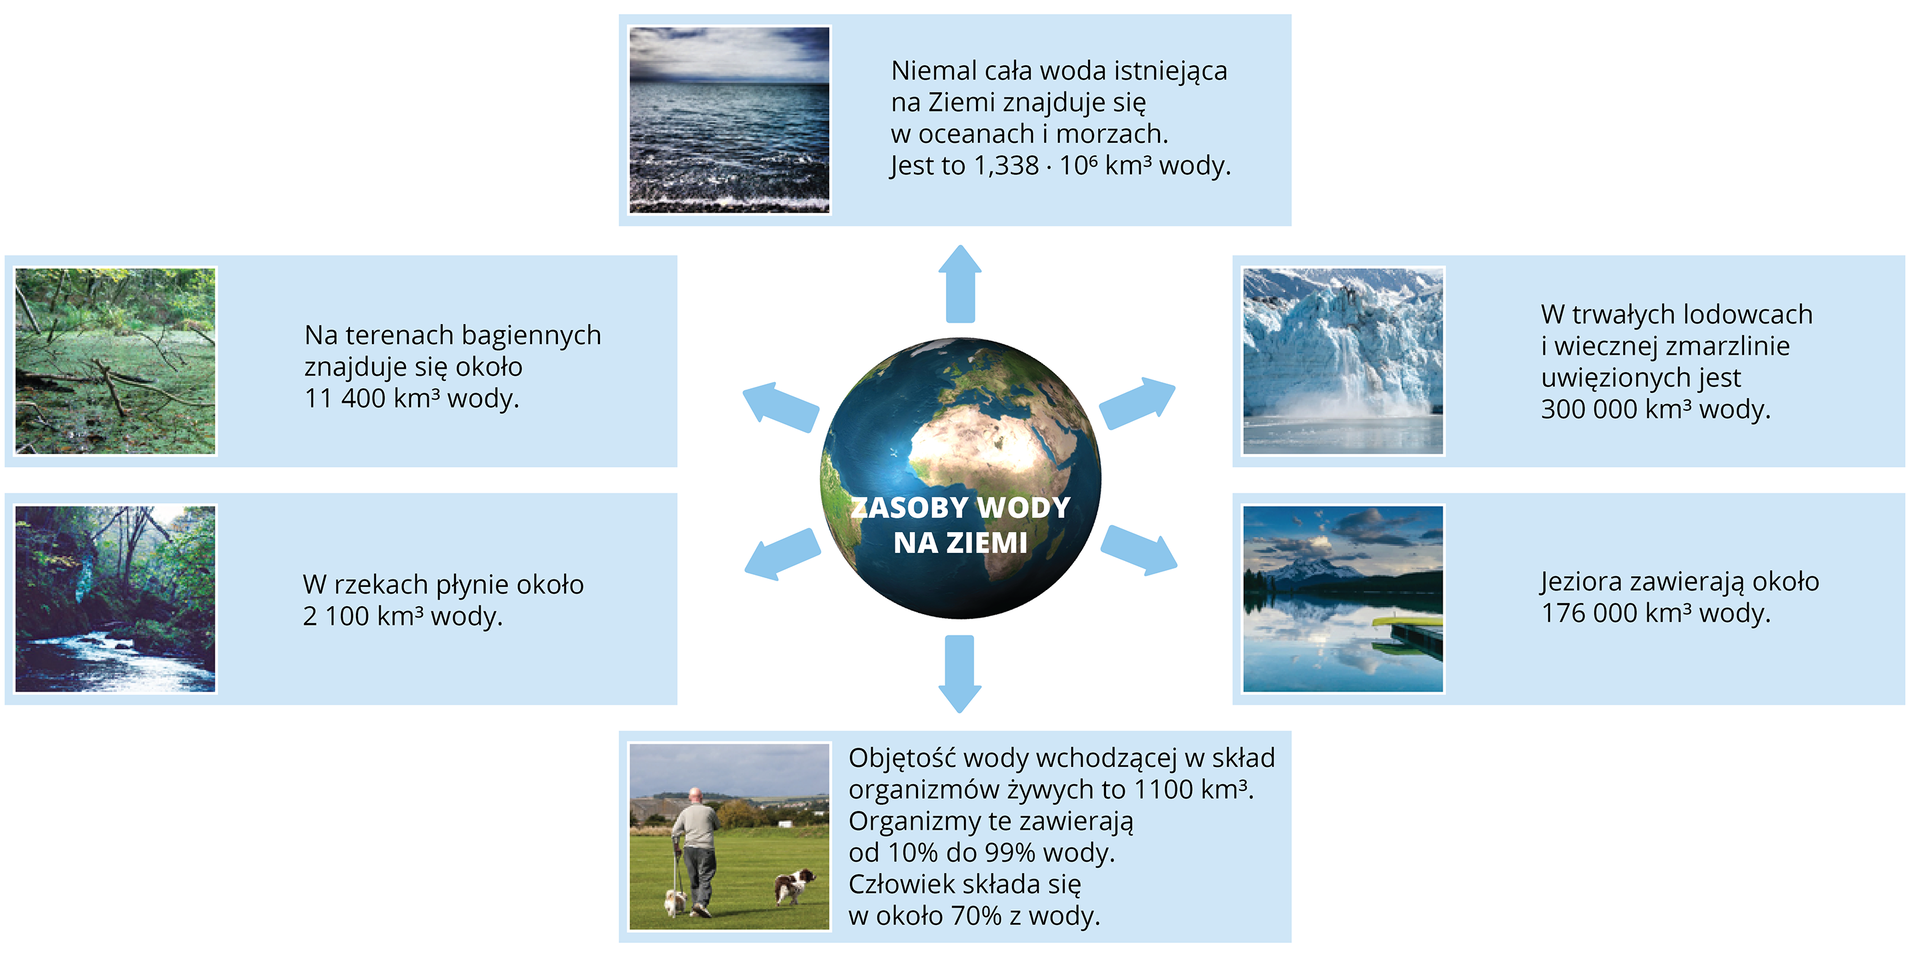 Ilustracja przedstawia schemat zasobów wodnych Ziemi. Wcentrum infografiki kula ziemska zwidoczną Afryką iEuropą, na jej tle napis Zasoby wody na Ziemi. Od kuli ziemskiej odchodzi sześć koncentrycznie rozmieszczonych niebieskich strzałek prowadzących do sześciu niebieskich prostokątów. Każdy zprostokątów ma zdjęcie itekst. Kolejno od góry, licząc wkierunku zgodnym zruchem wskazówek zegara są to: Zdjęcie morza, napis Niemal cała woda istniejąca na Ziemi znajduje się woceanach imorzach. Zdjęcie lodowca, napis: Wtrwałych lodowcach iwiecznej zmarzlinie uwięzionych jest trzysta tysięcy kilometrów sześciennych wody. Zdjęcie jeziora, napis: Jeziora zawierają około 176 tysięcy kilometrów sześciennych wody. Zdjęcie człowieka ipsa na łące, napis: Objętość wody wchodzącej wskład organizmów żywych to tysiąc sto kilometrów sześciennych. Organizmy te zawierają od 10 do 99 procent wody. Człowiek składa się wokoło 70 procent zwody. Zdjęcie rzeki wlesie, napis: Wrzekach płynie około 2 tysiące sto kilometrów sześciennych wody. Zdjęcie mokradła, napis: Na terenach bagiennych znajduje się około 11 tysięcy czterysta kilometrów sześciennych wody.